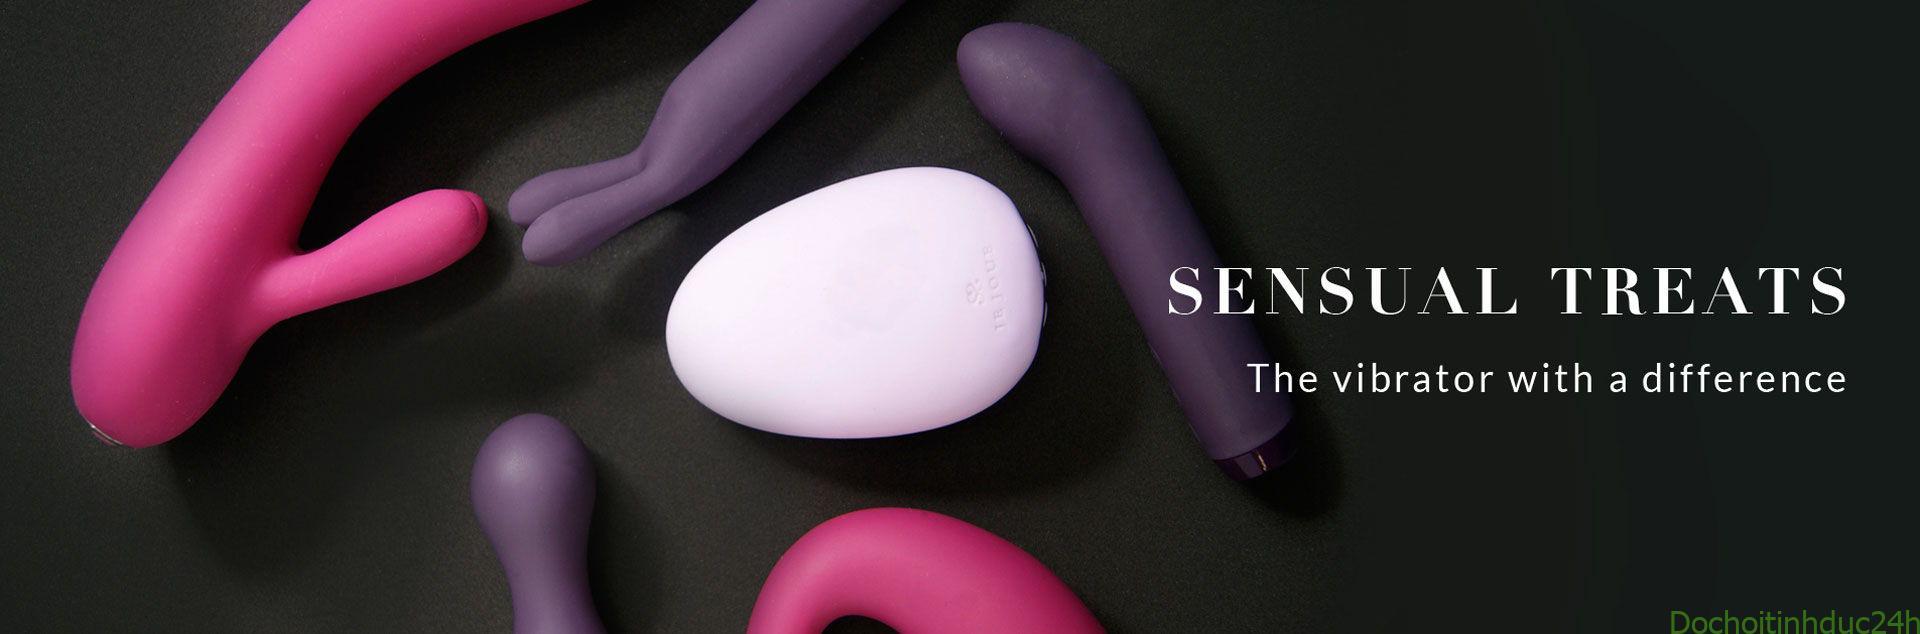 đồ chơi tình dục cao cấp